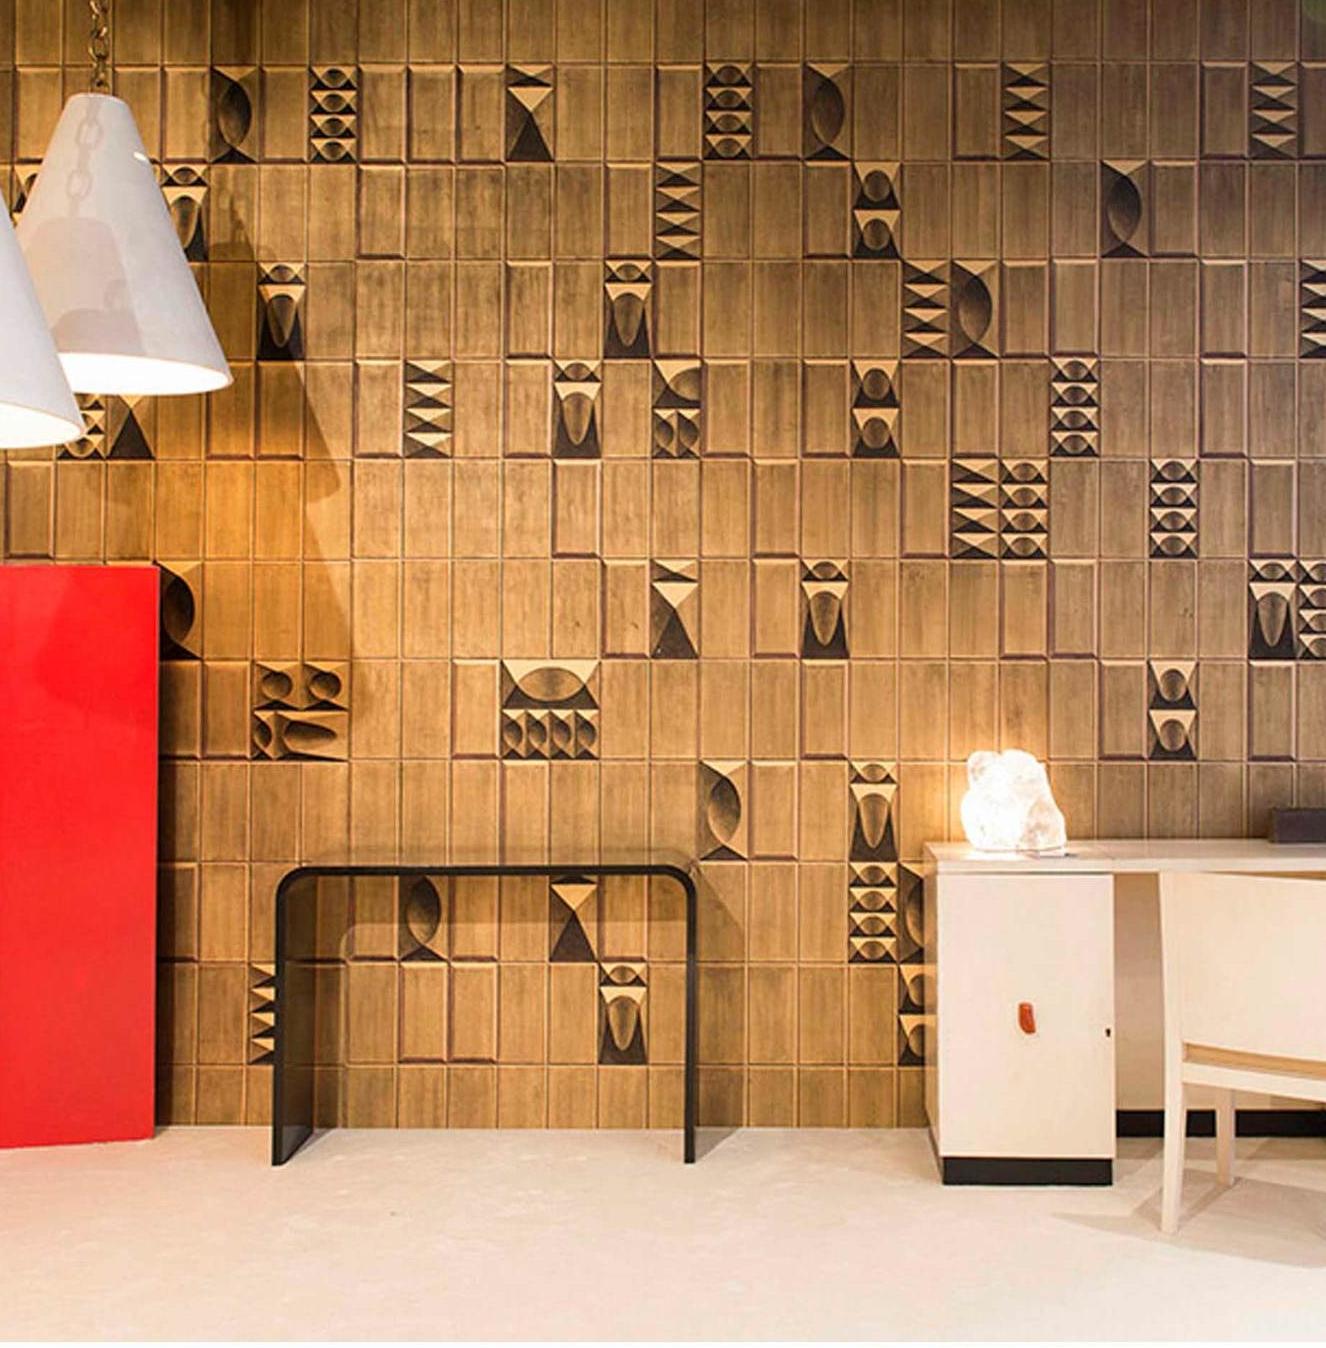 R030-Belsize-Tiles-col-gold-on-black2.jpg